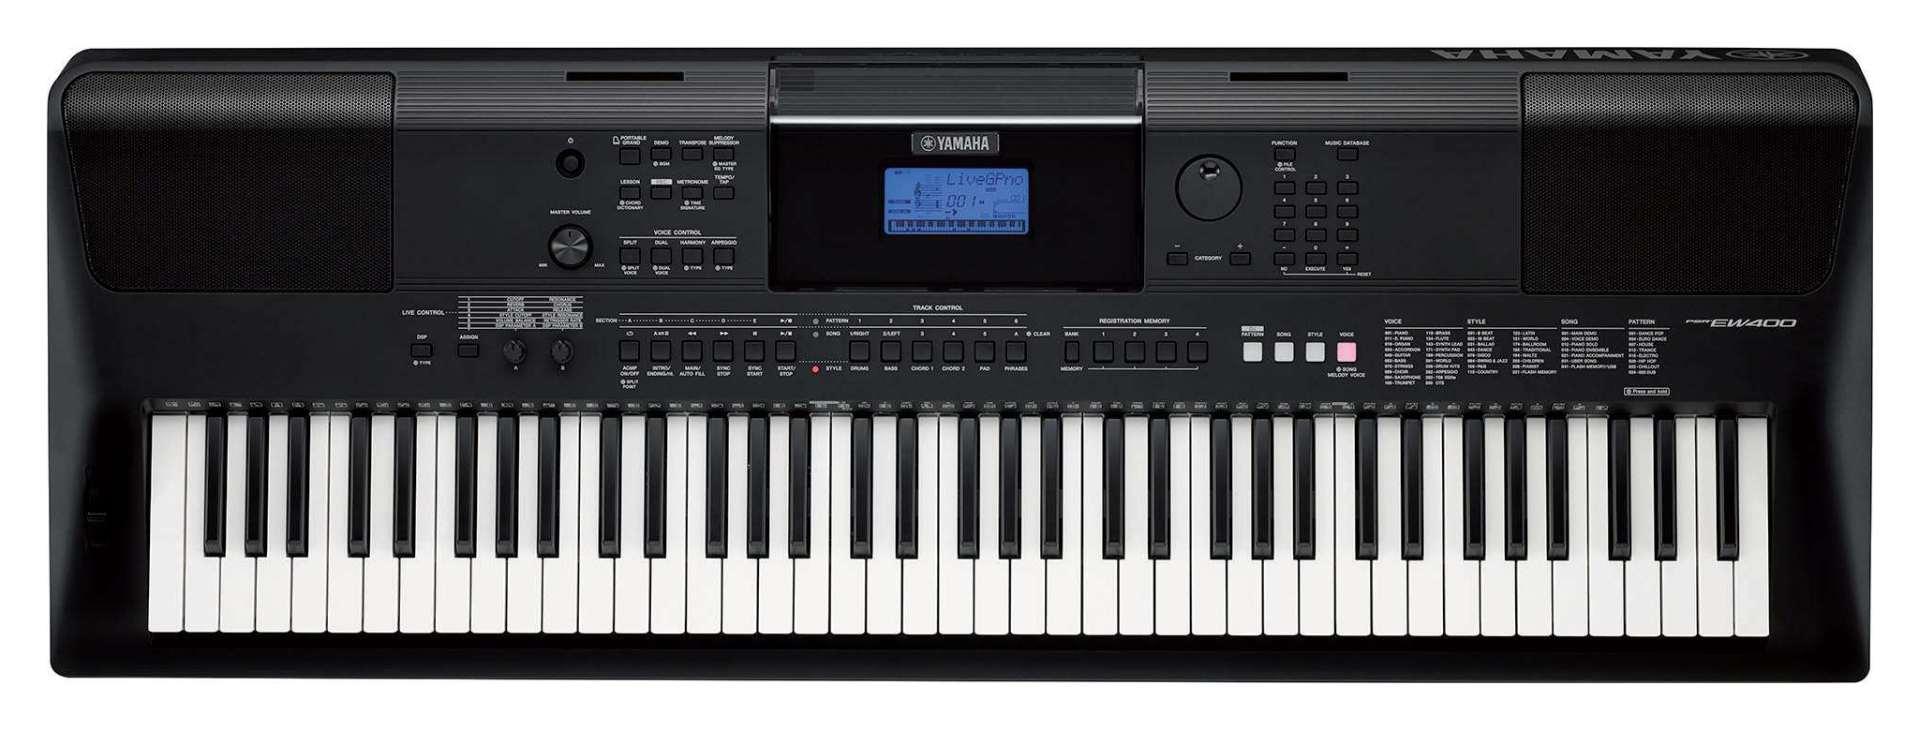 yamaha tastiere arranger